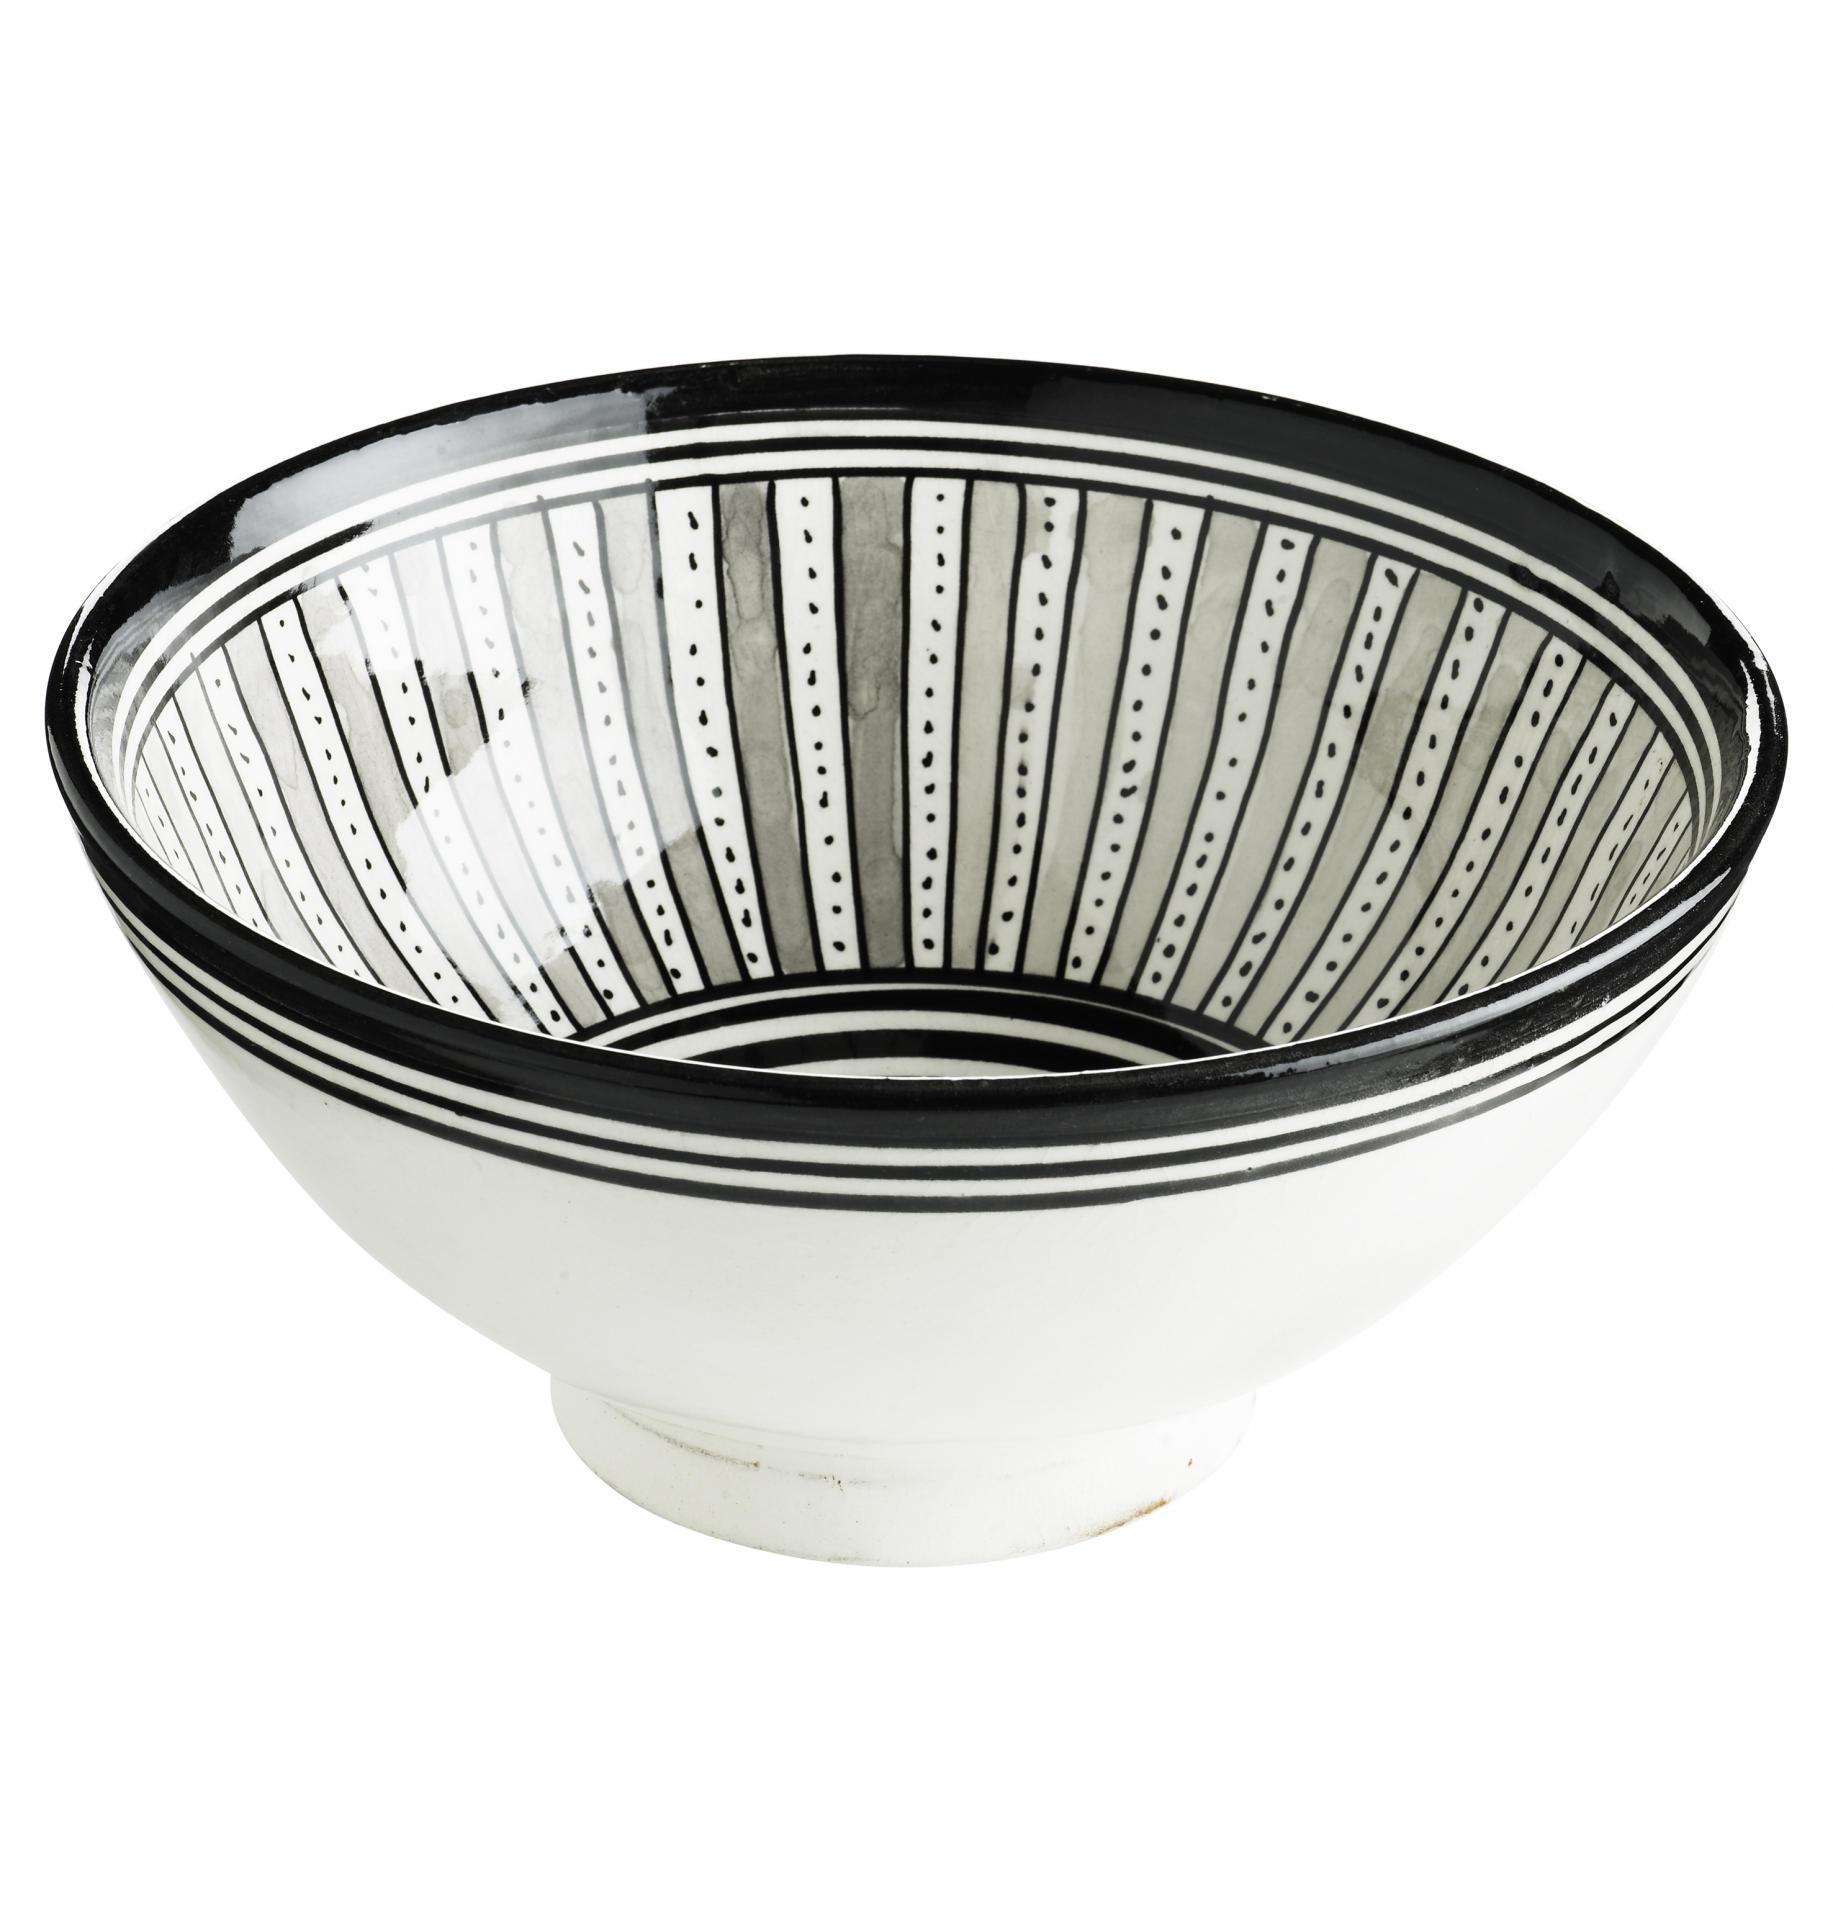 Tine K Home Salátová mísa Black Morocco 30 cm., černá barva, keramika